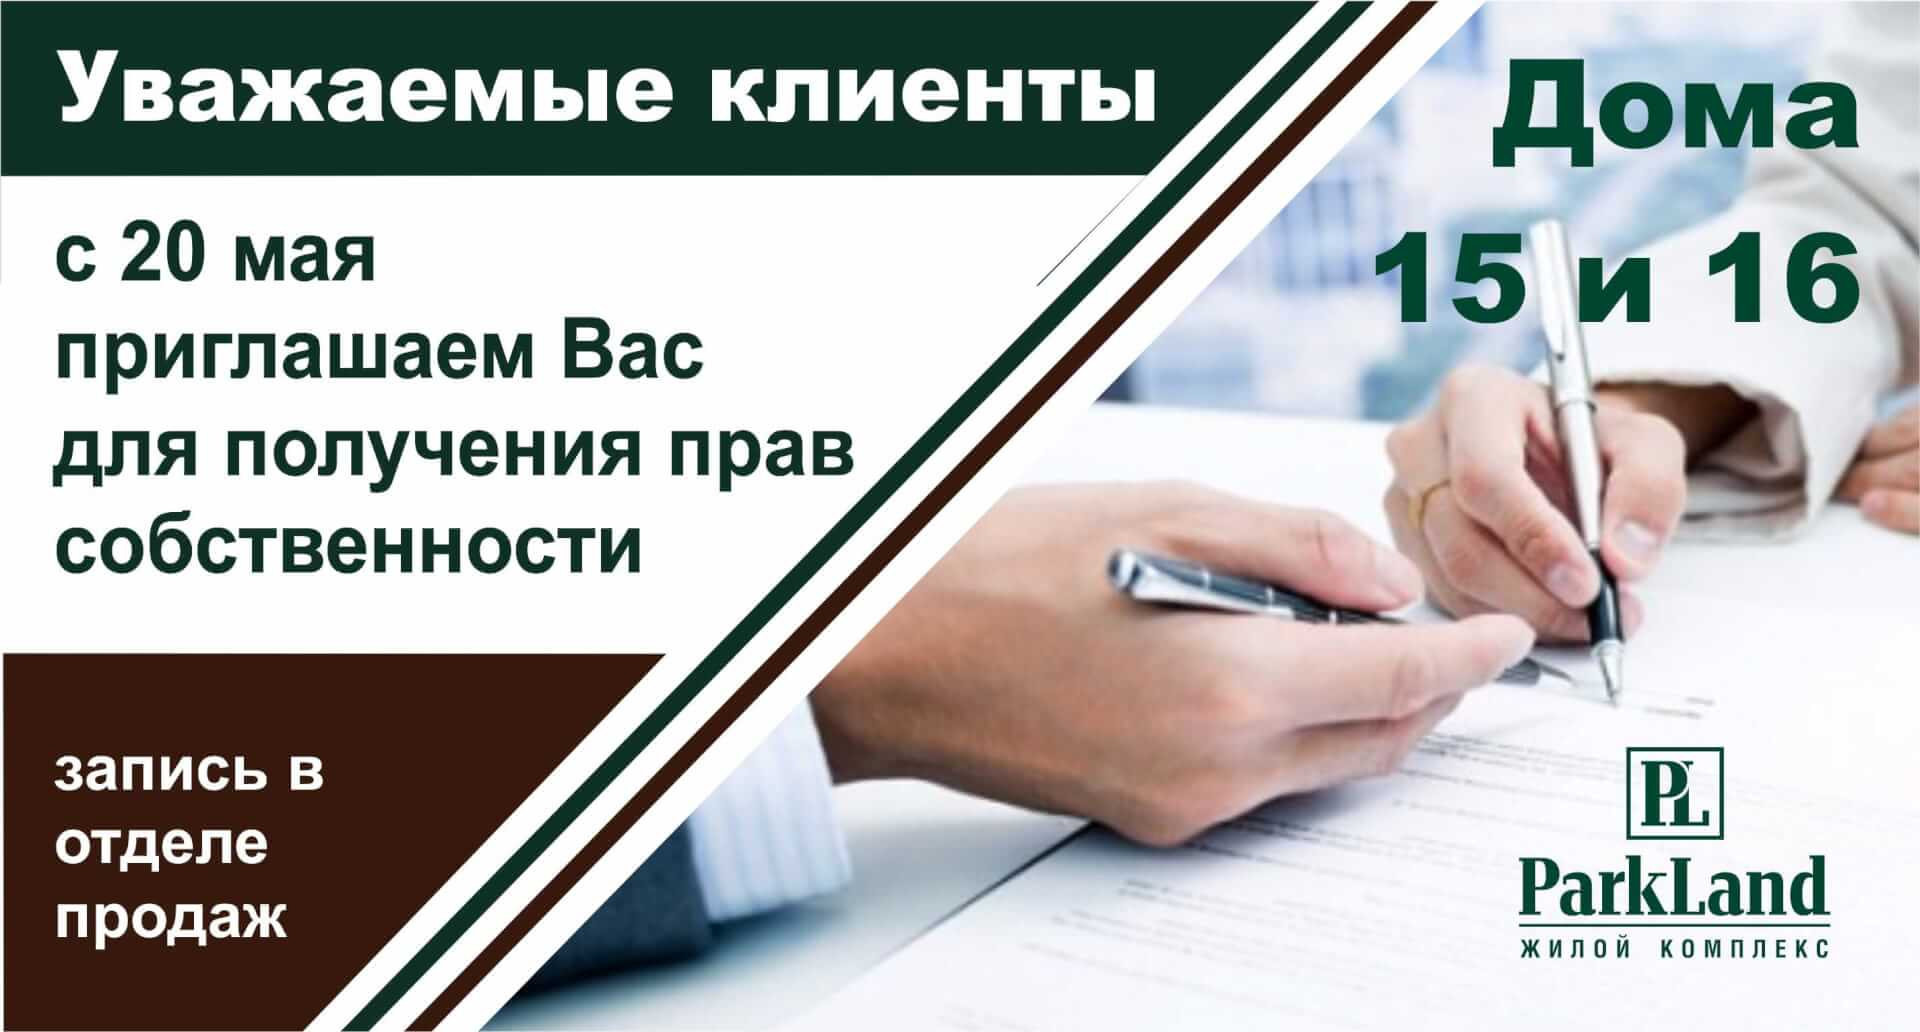 новости 15-16 р